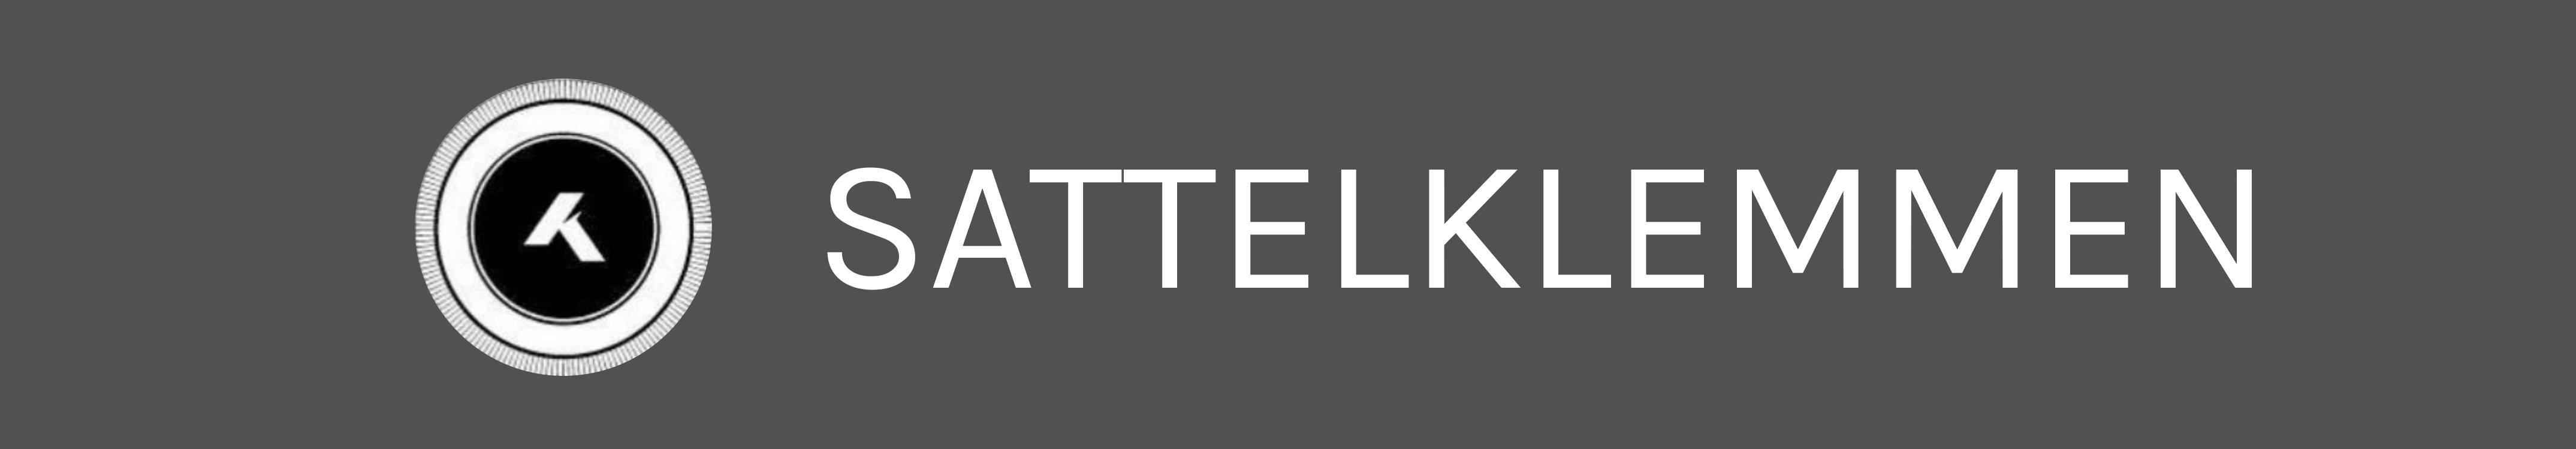 KHE-Banner-Sattelklemmen